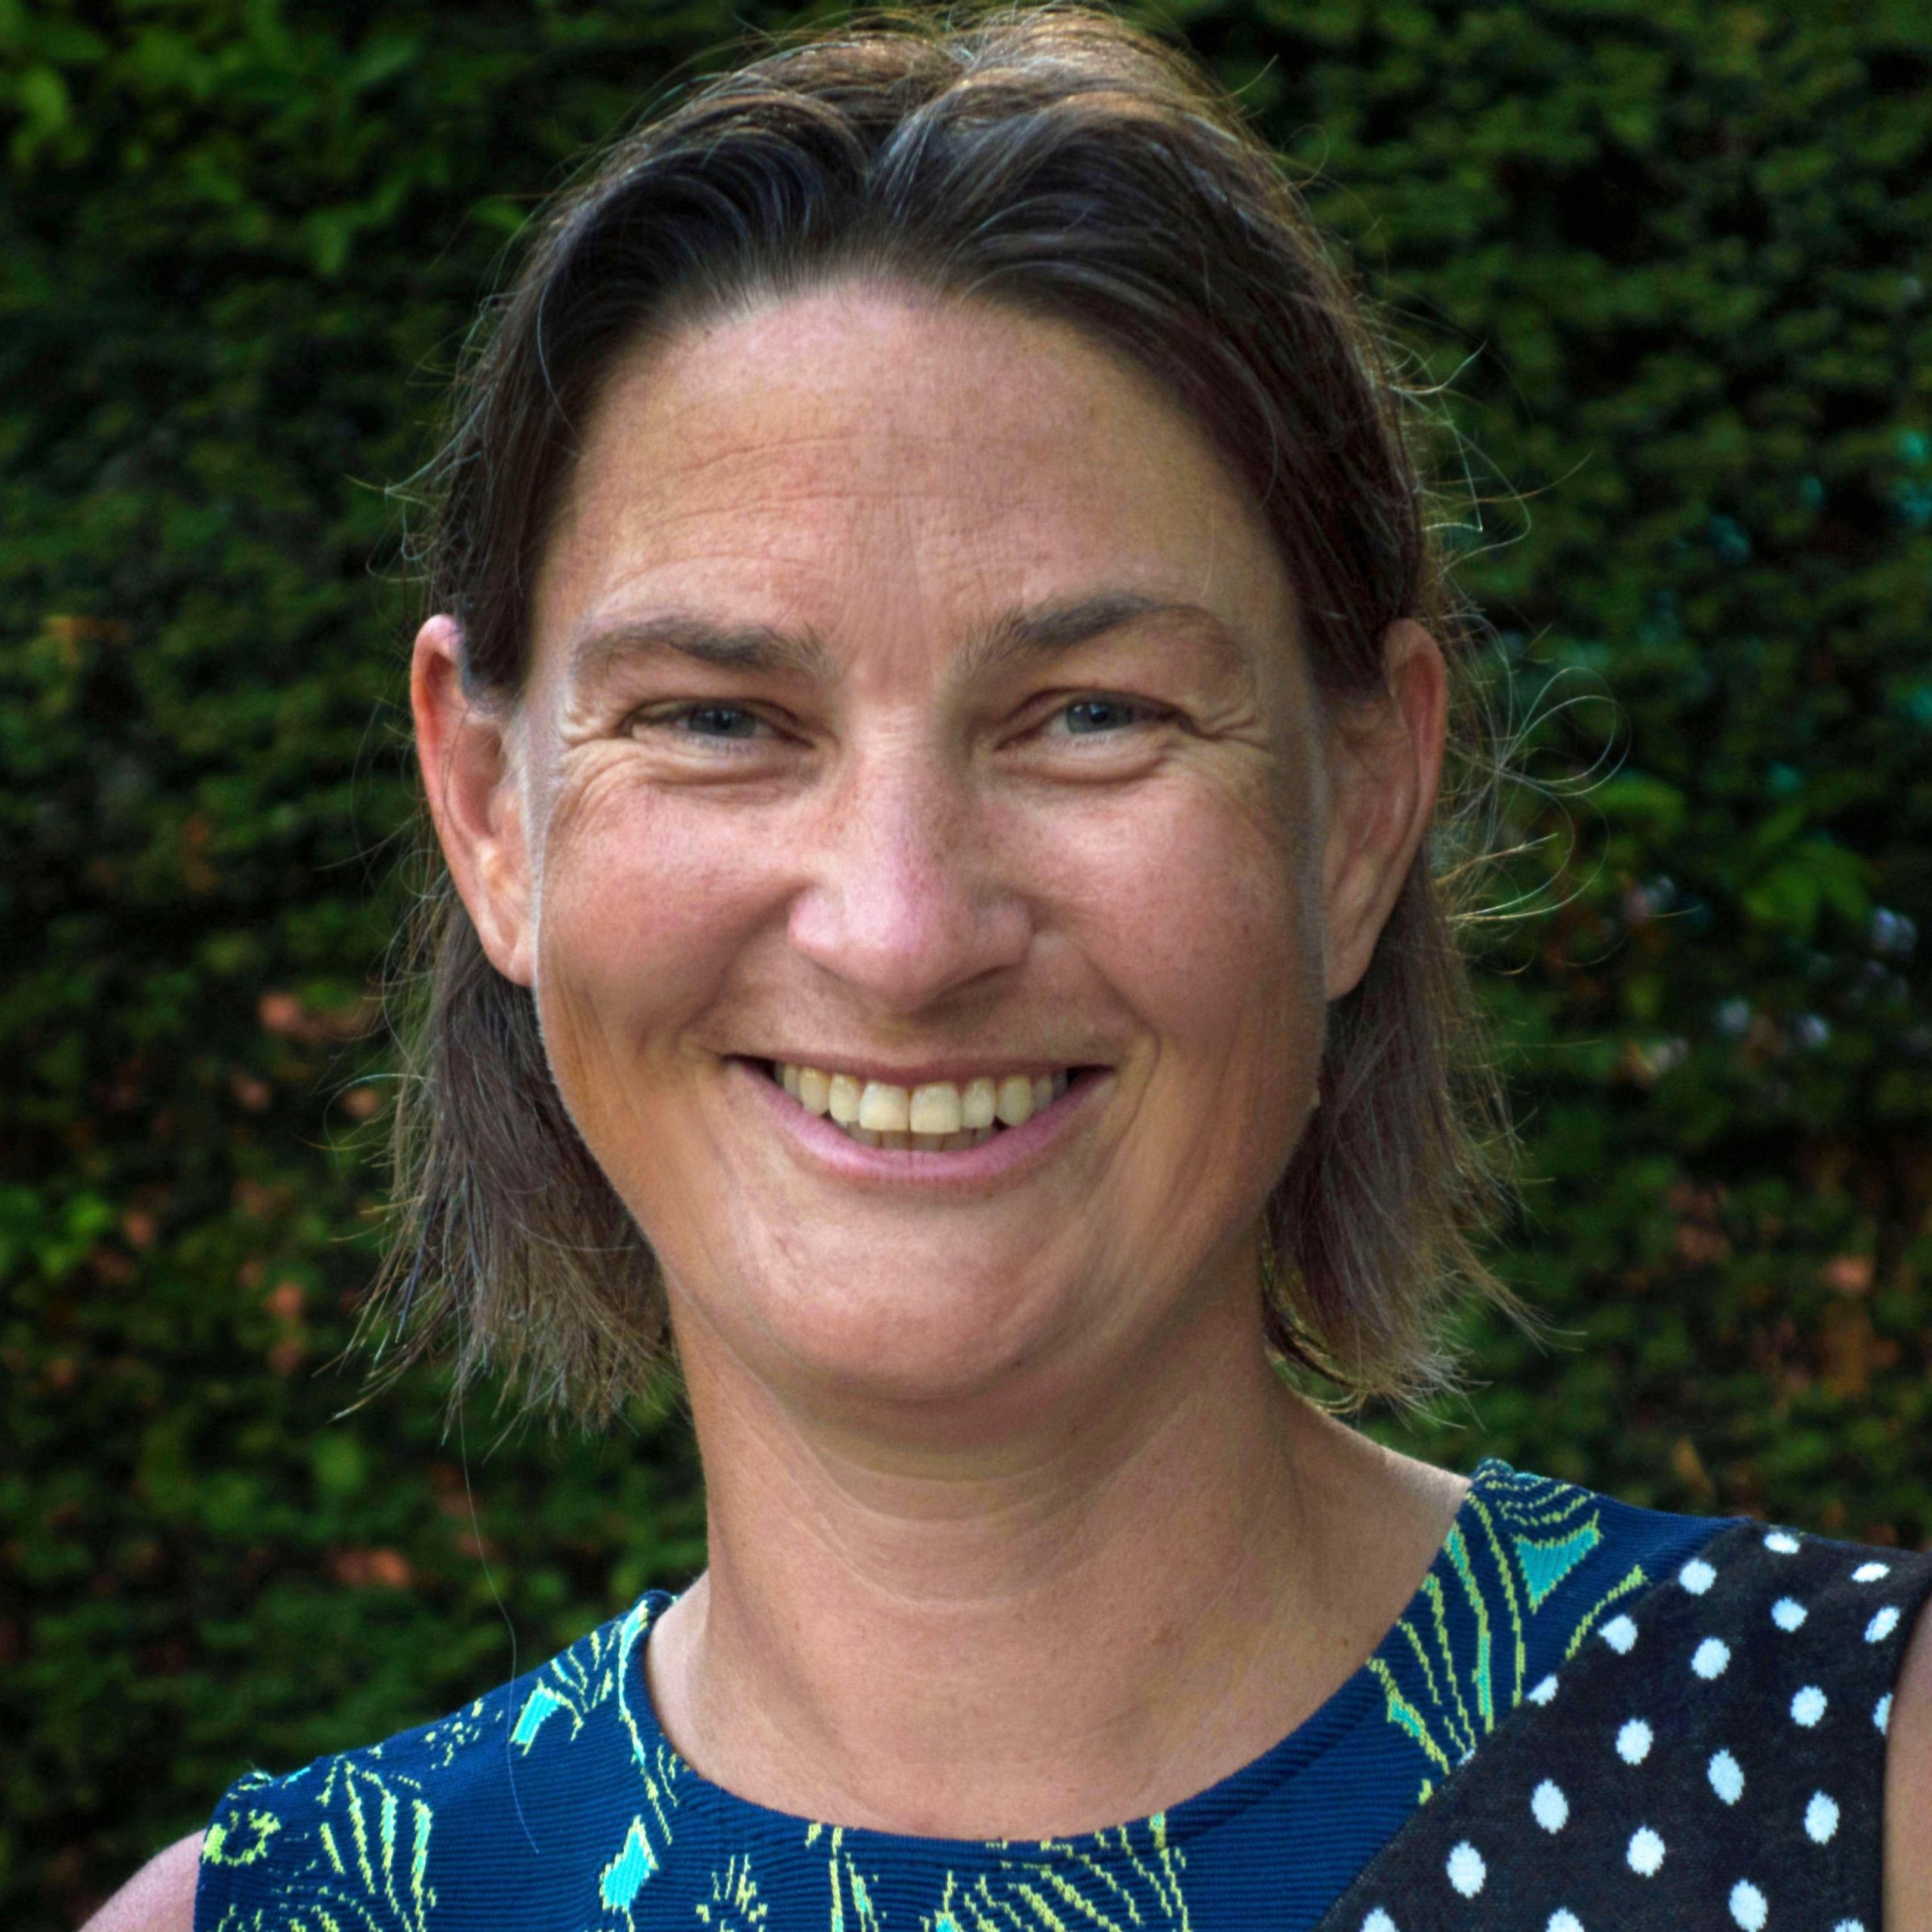 Steffi Oest